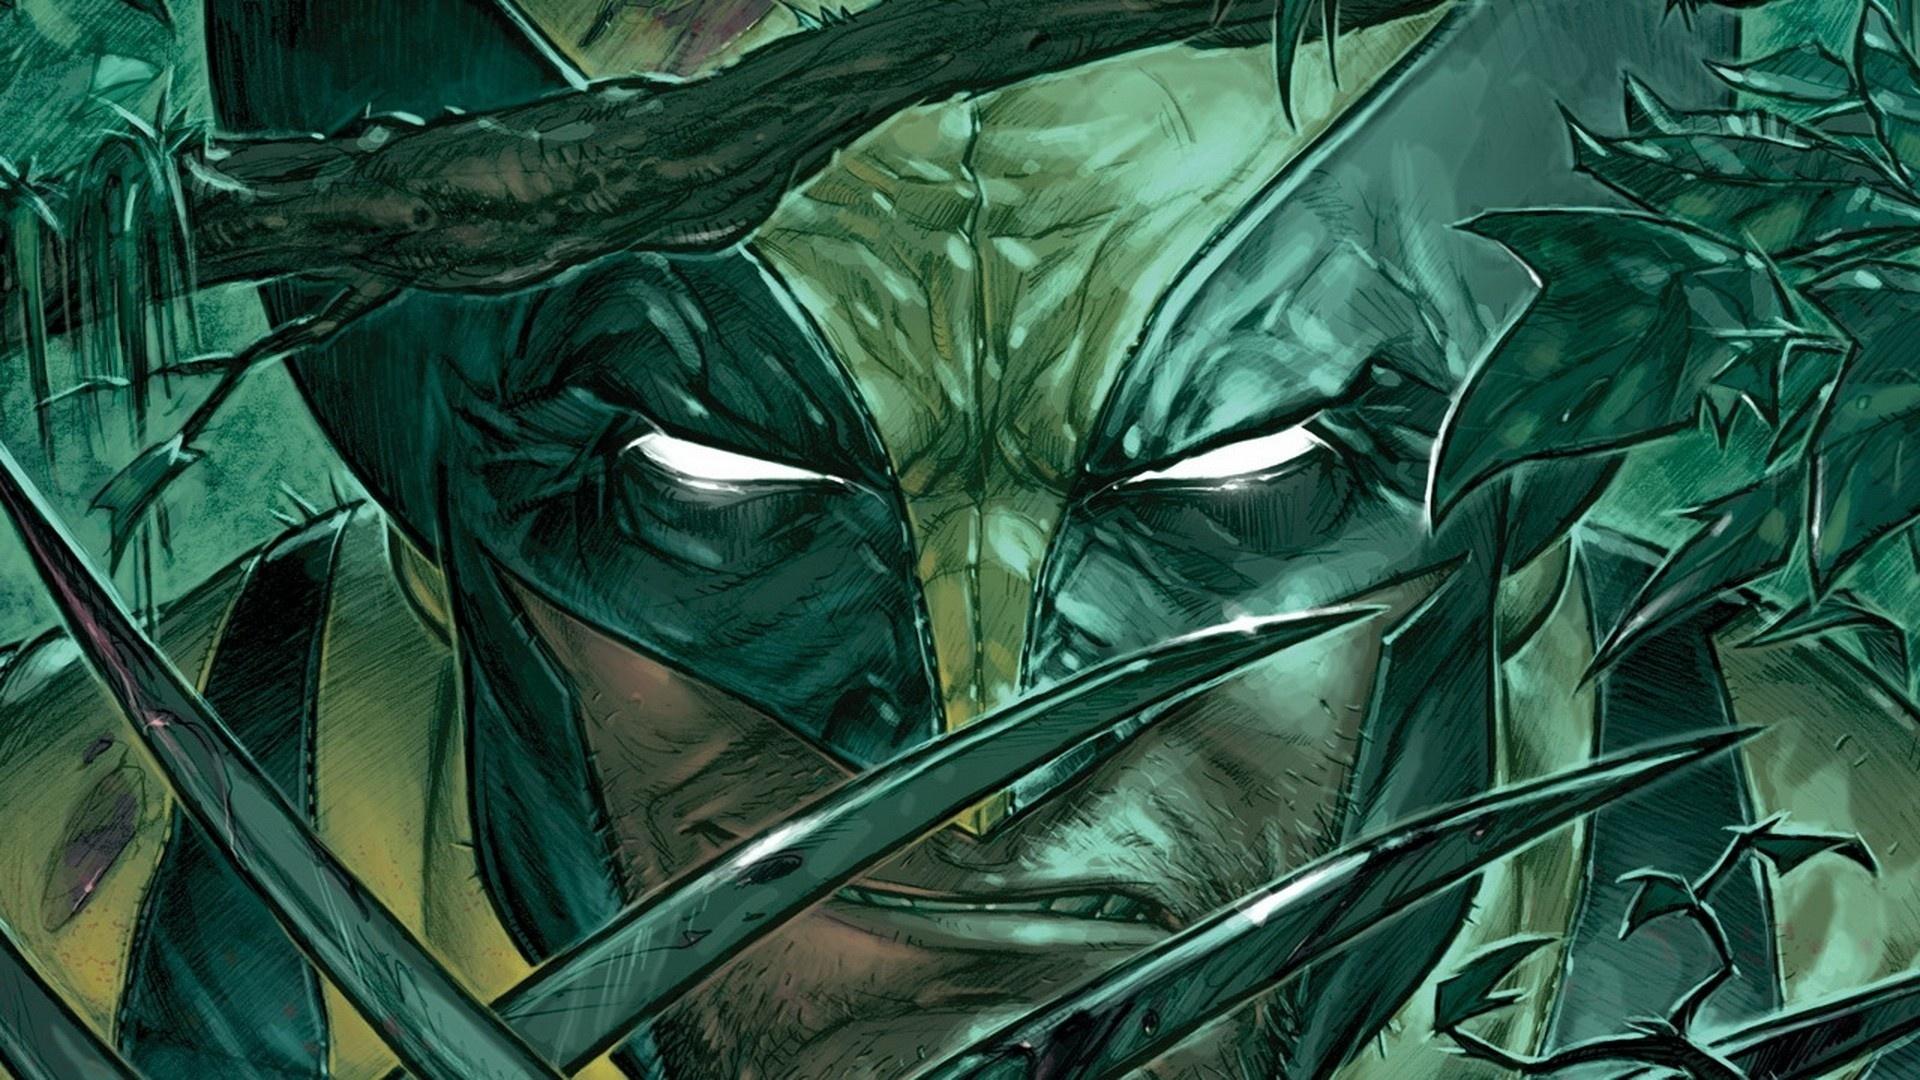 Comics X men Wolverine Artwork Marvel Comics HD Wallpaper 1920x1080